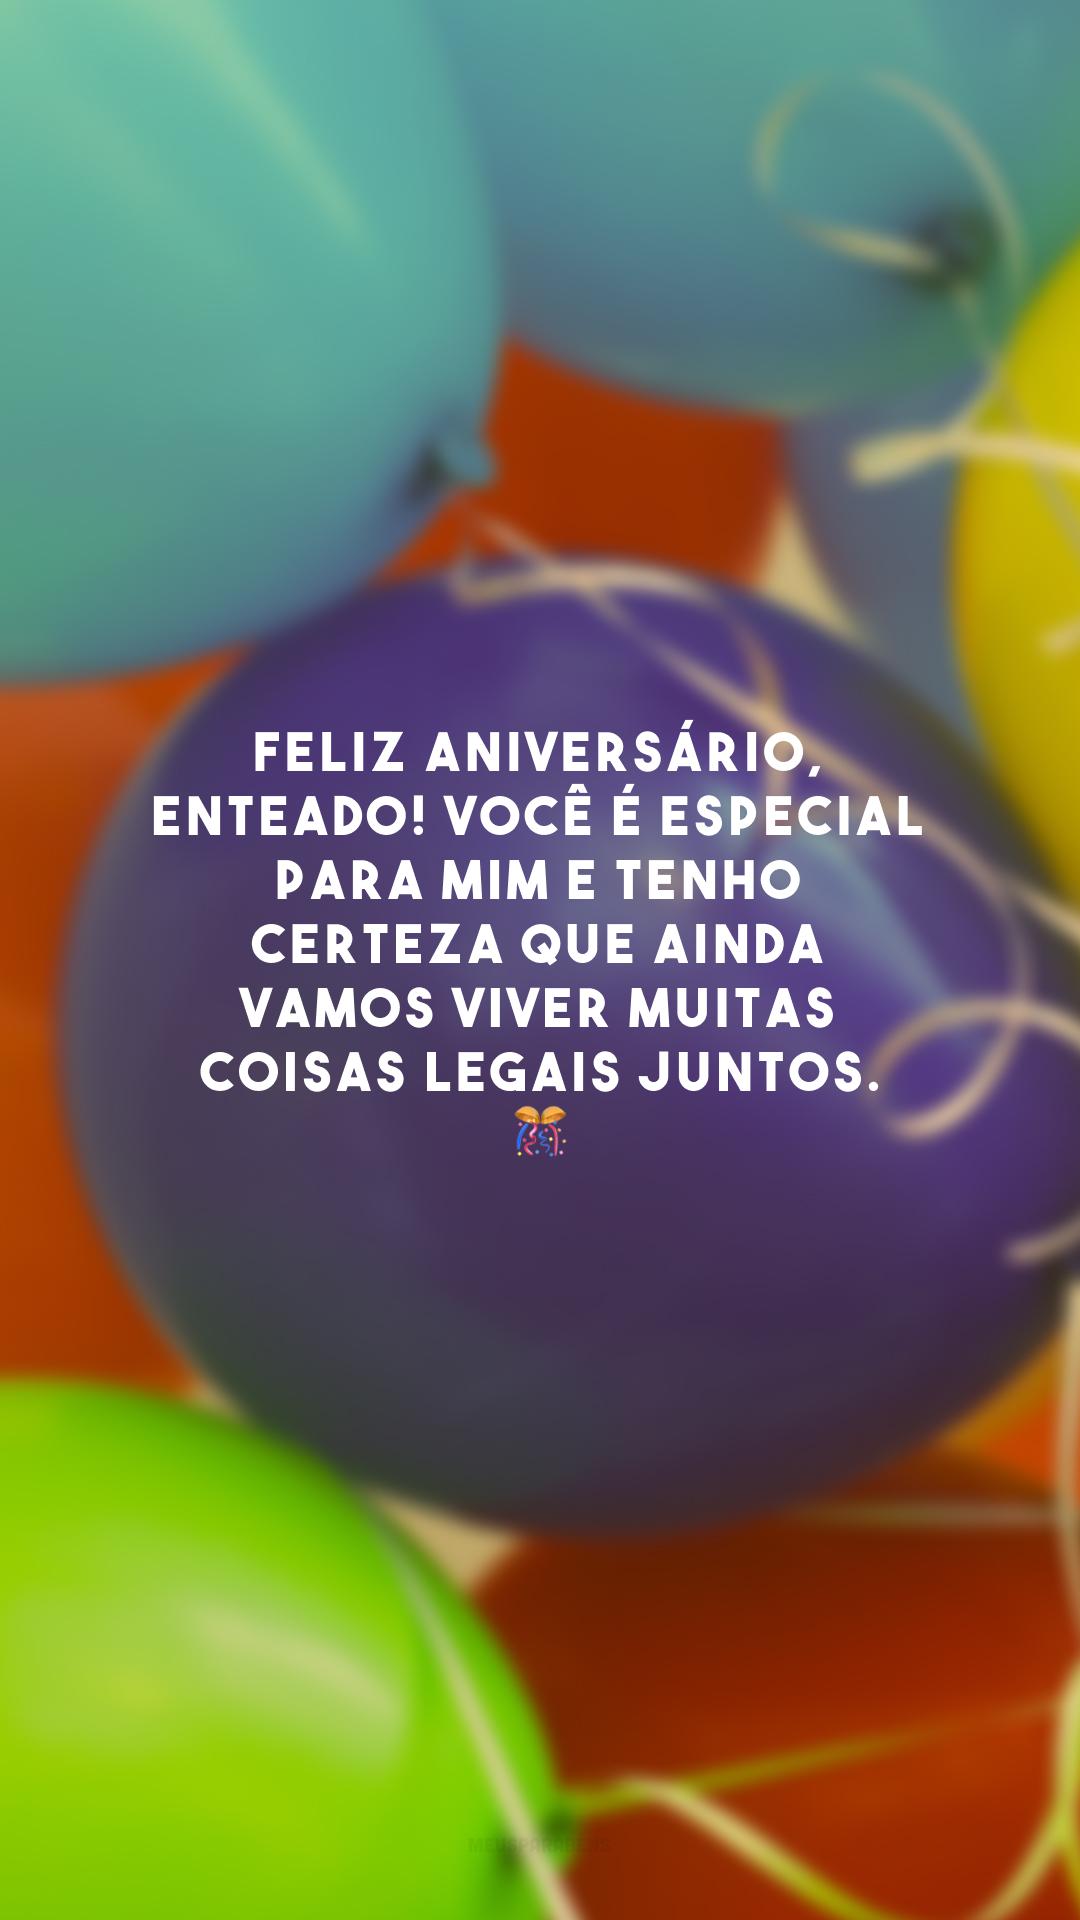 Feliz aniversário, enteado! Você é especial para mim e tenho certeza que ainda vamos viver muitas coisas legais juntos. 🎊